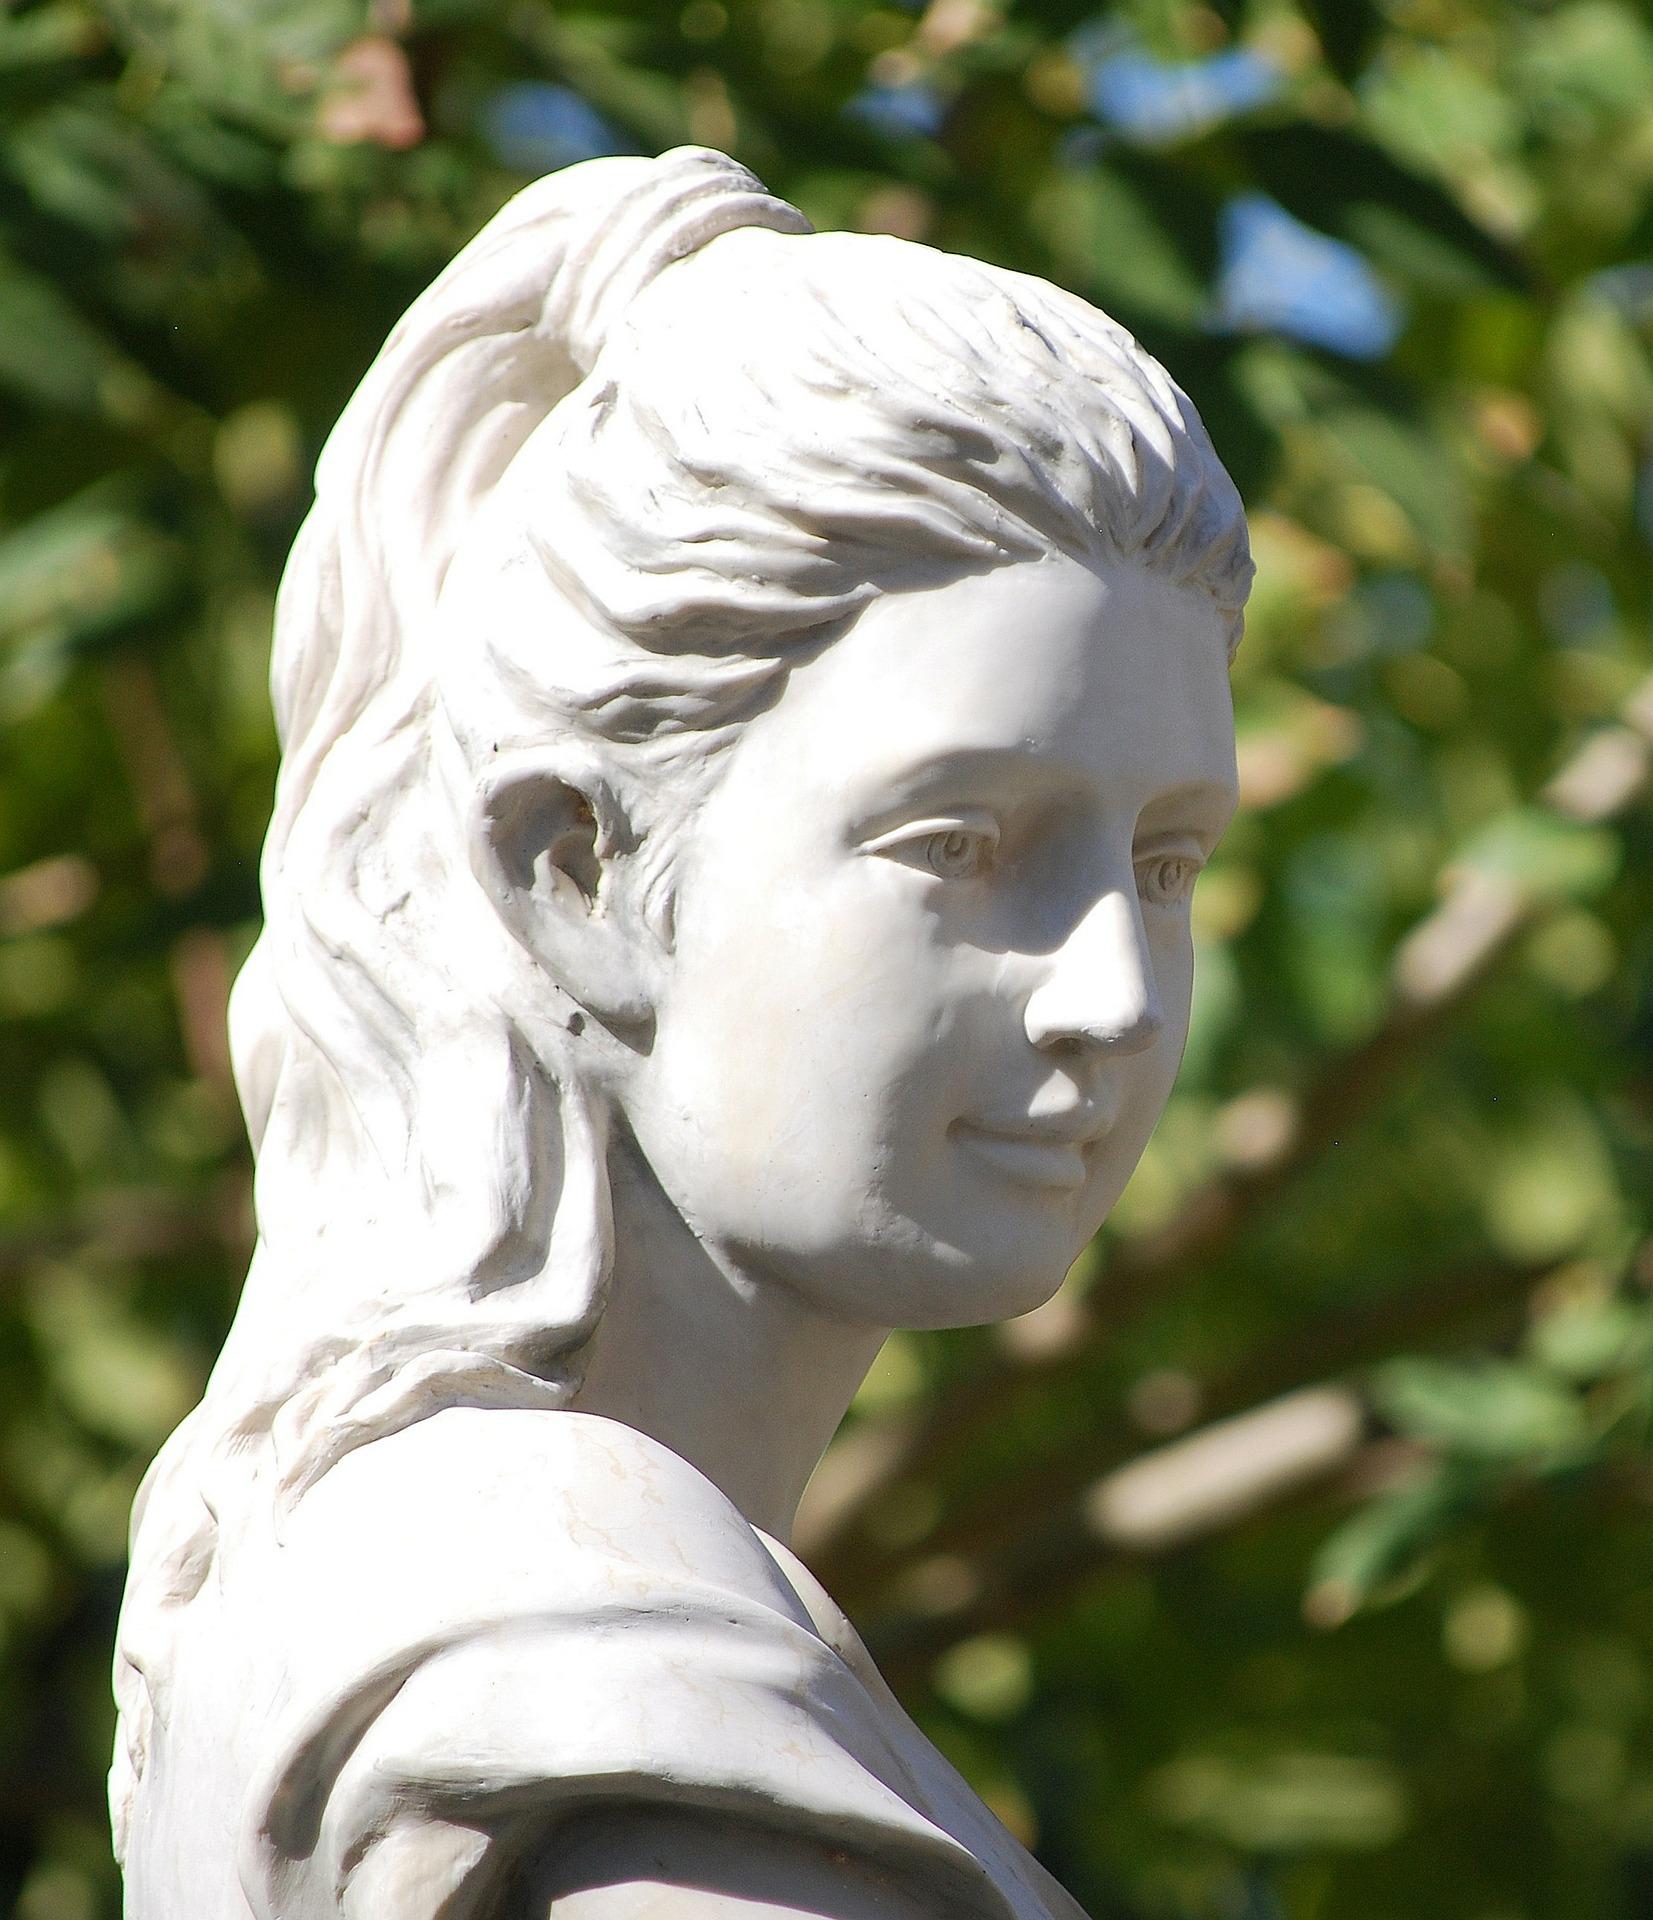 goddess-185457_1920